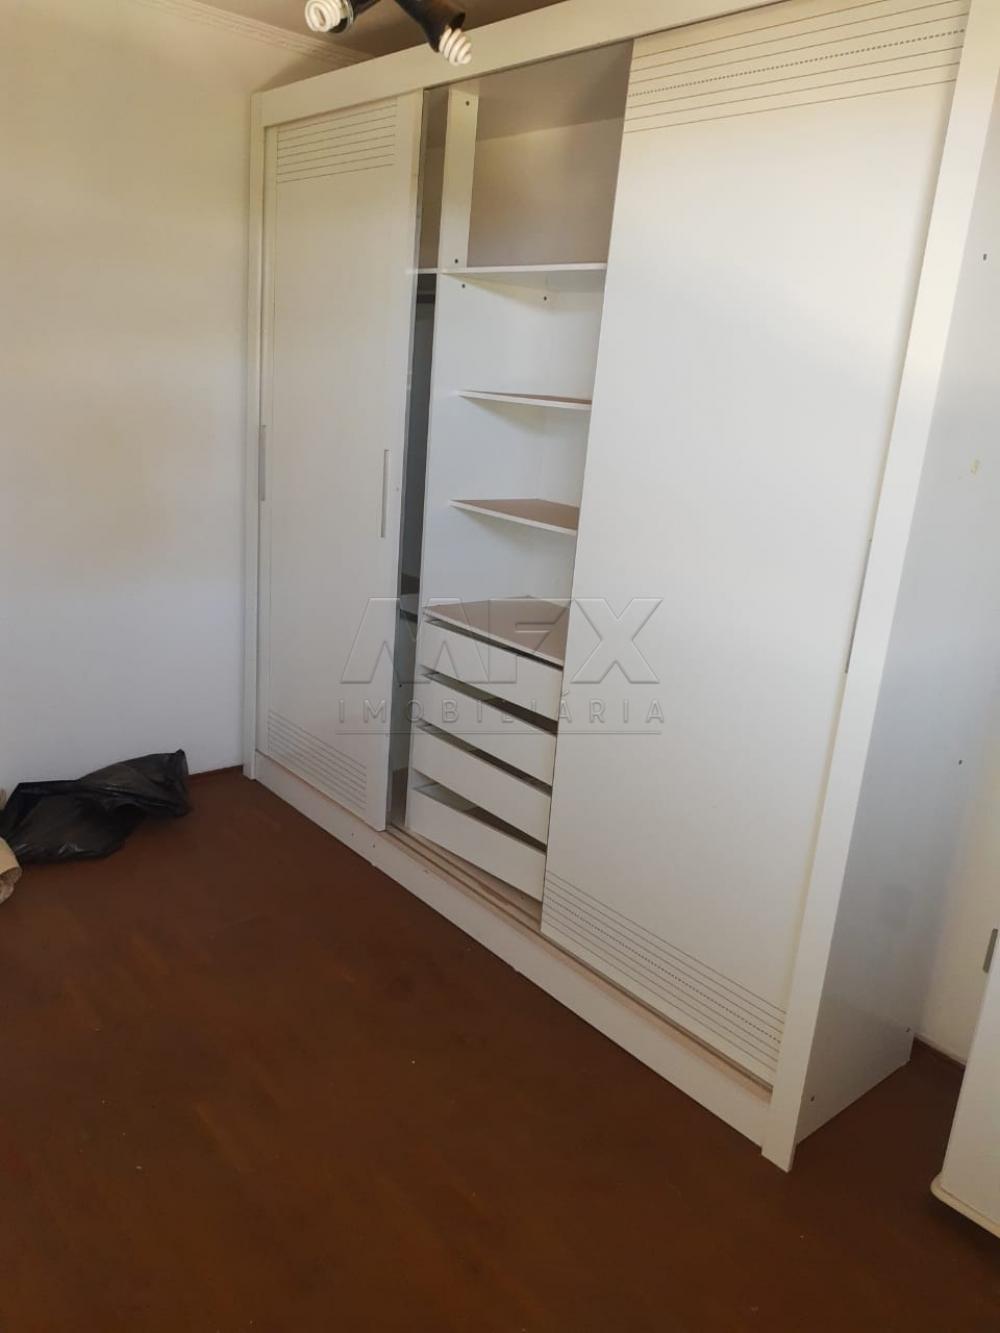 Comprar Apartamento / Padrão em Bauru R$ 154.000,00 - Foto 5